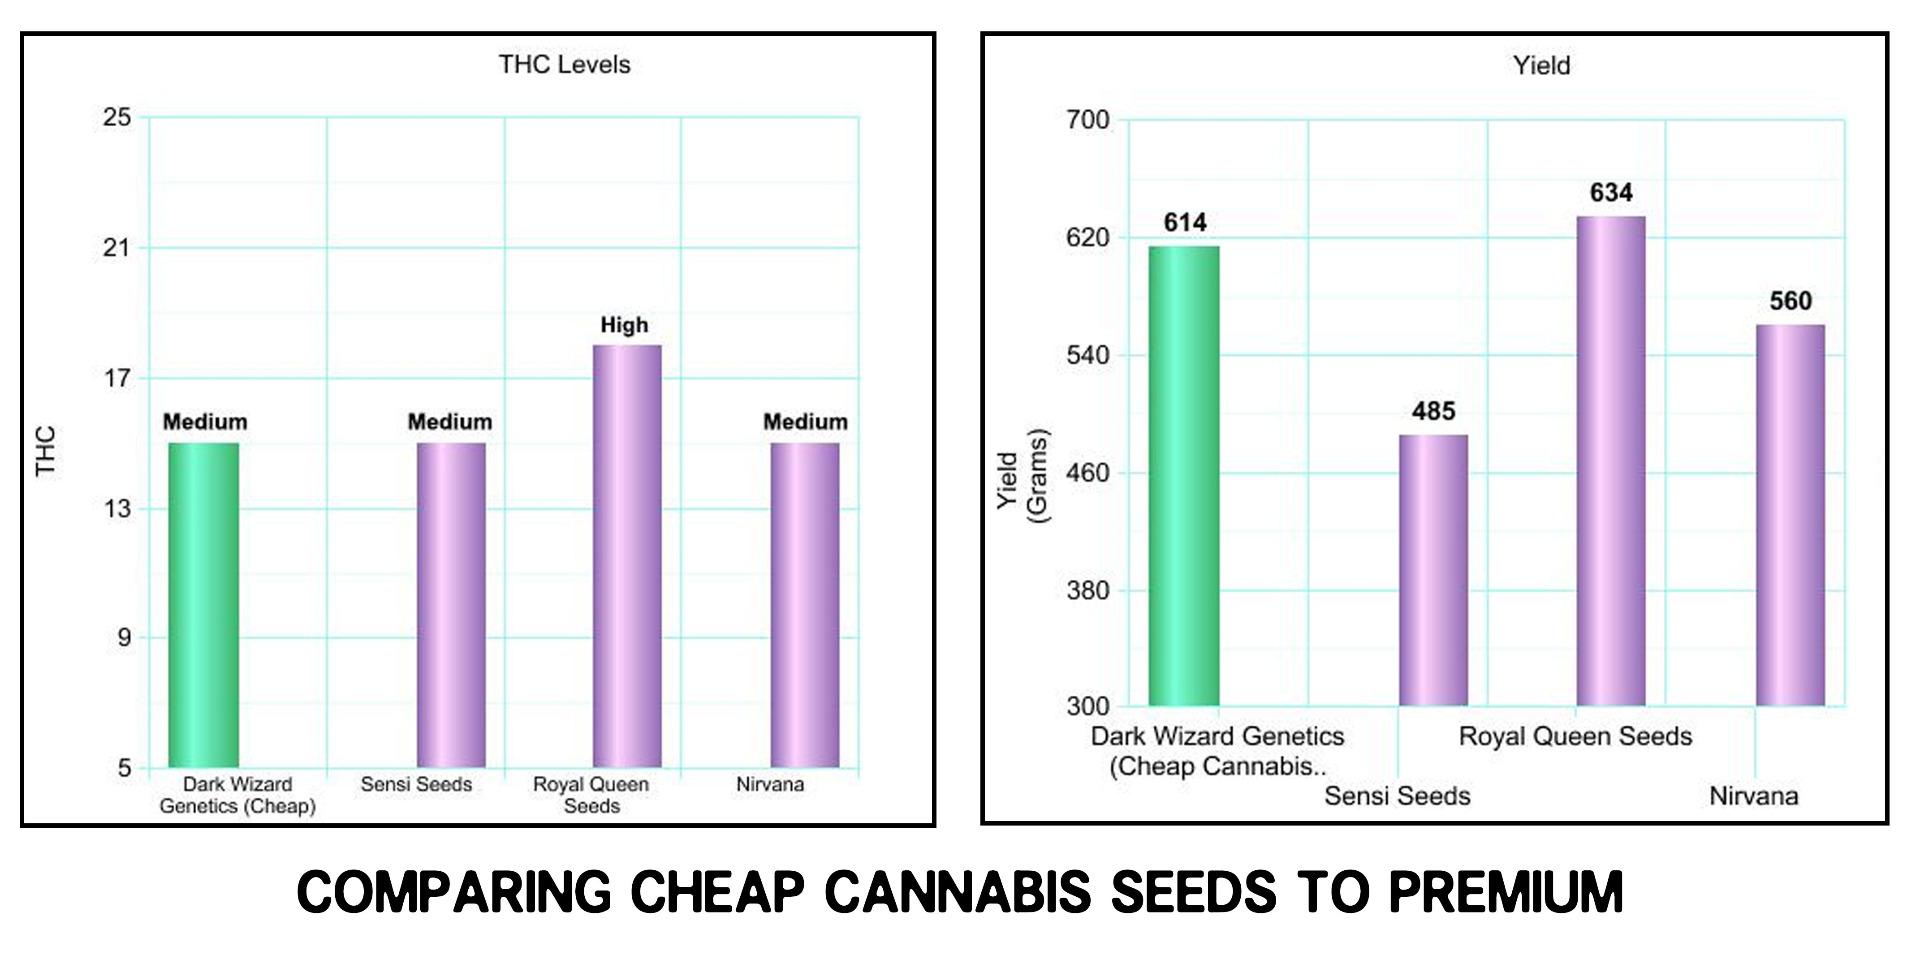 cheap cannabis seeds compared